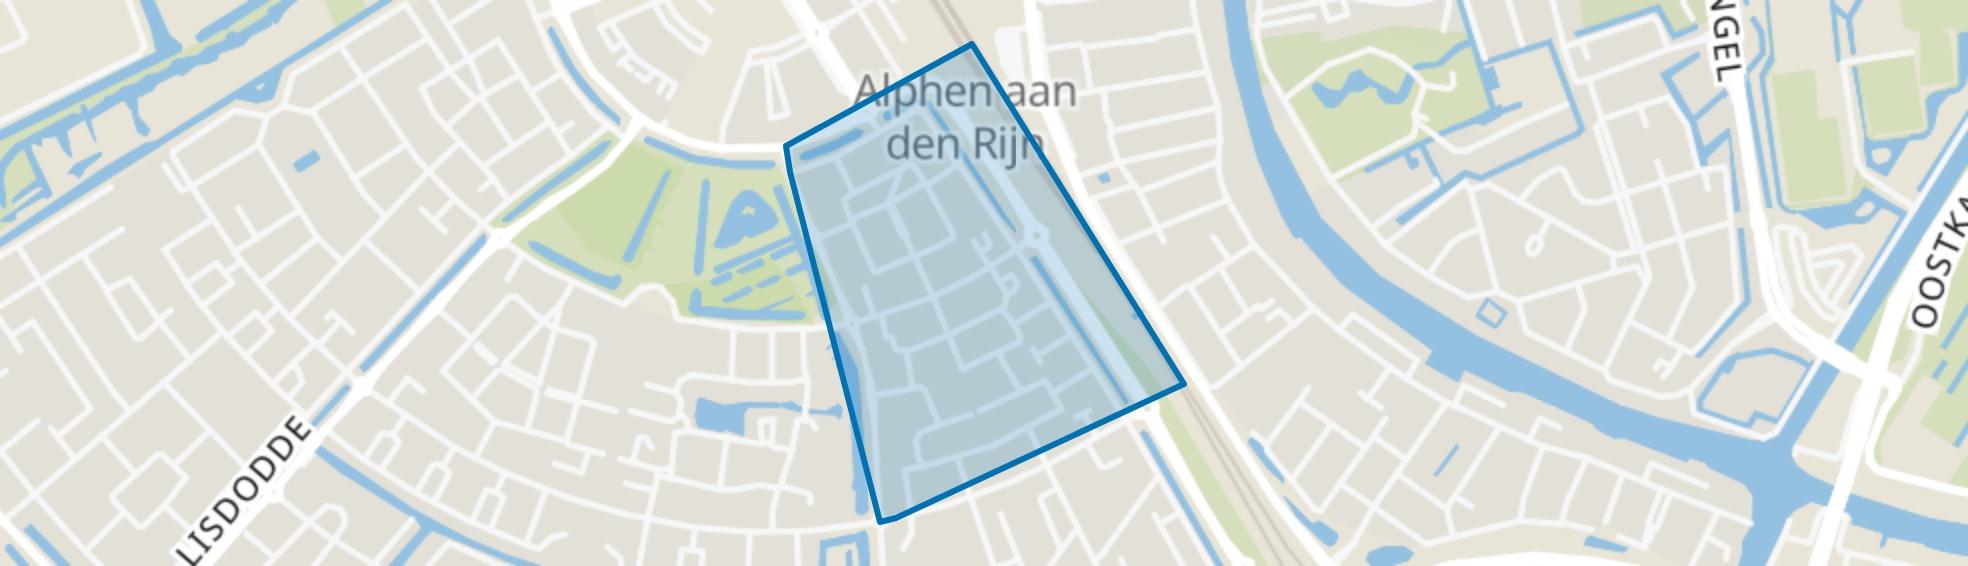 Evenaar-Oost, Alphen aan den Rijn map